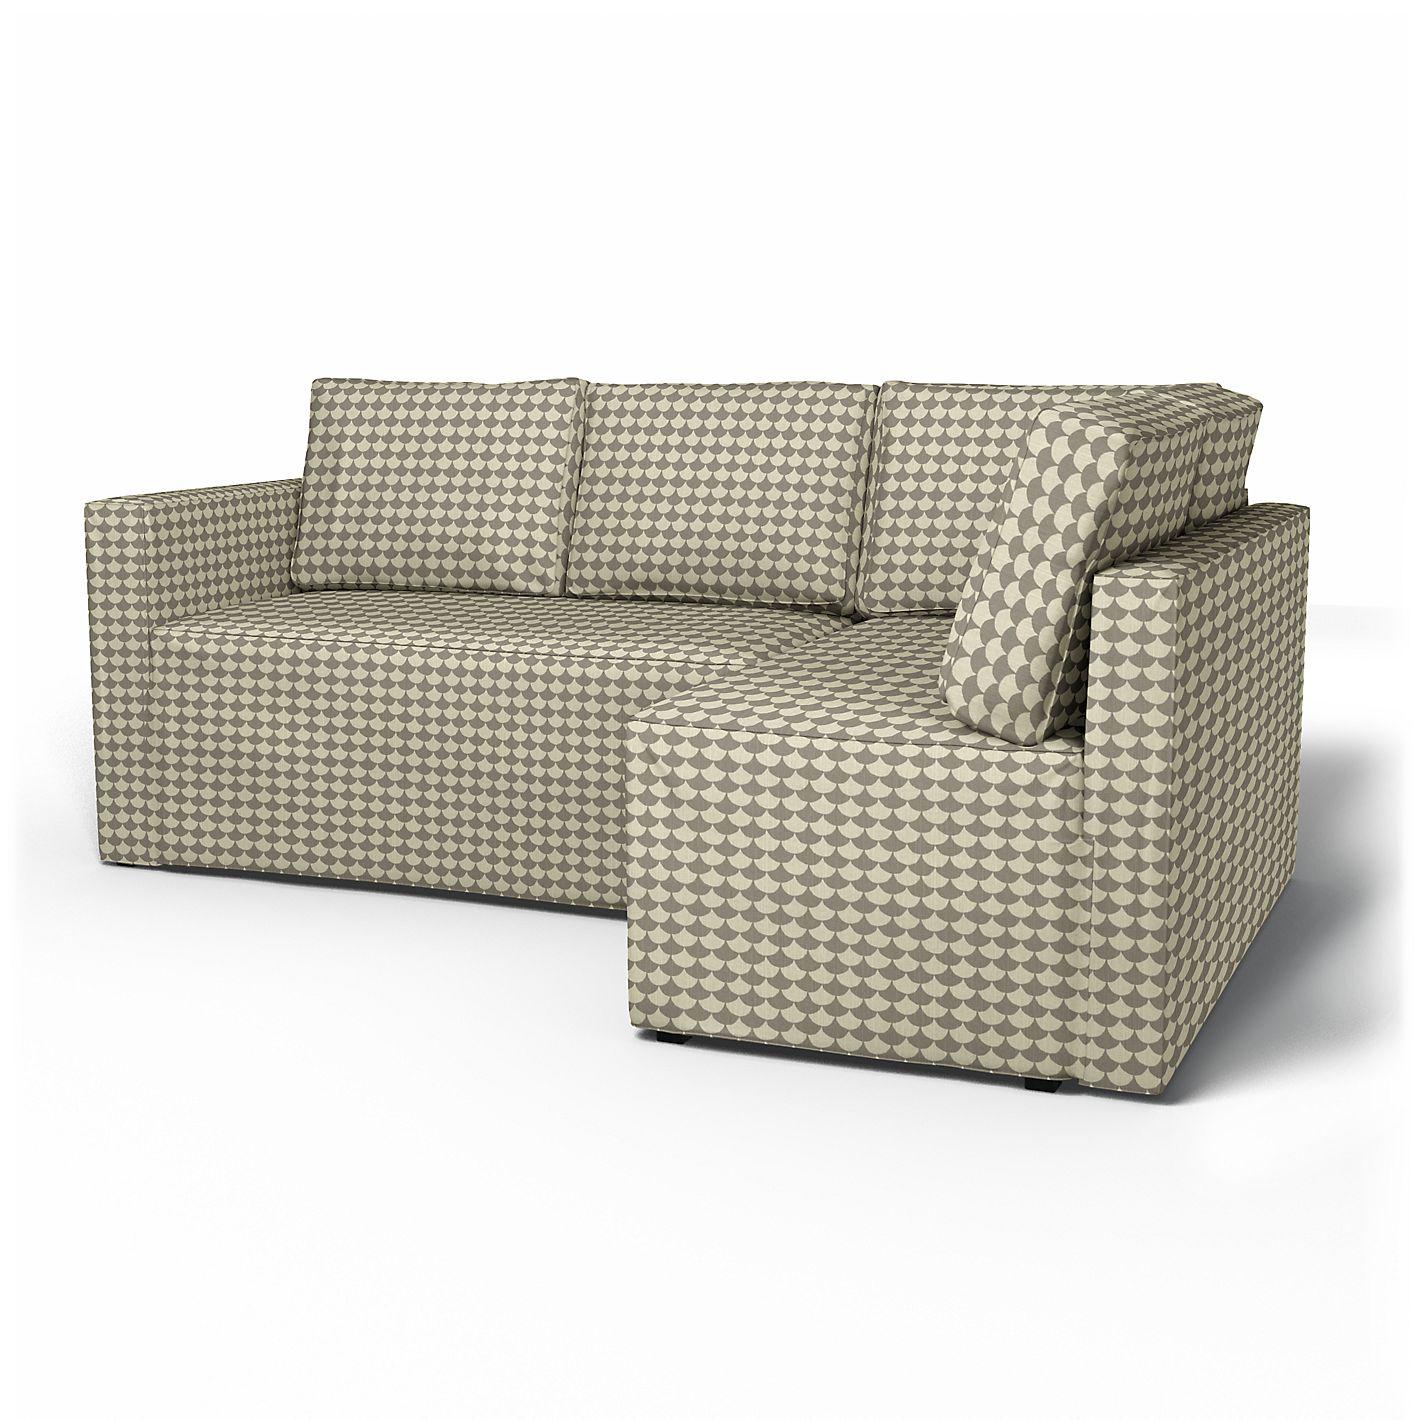 f gelbo sofabez ge bettsofa rechts regular fit bemz. Black Bedroom Furniture Sets. Home Design Ideas